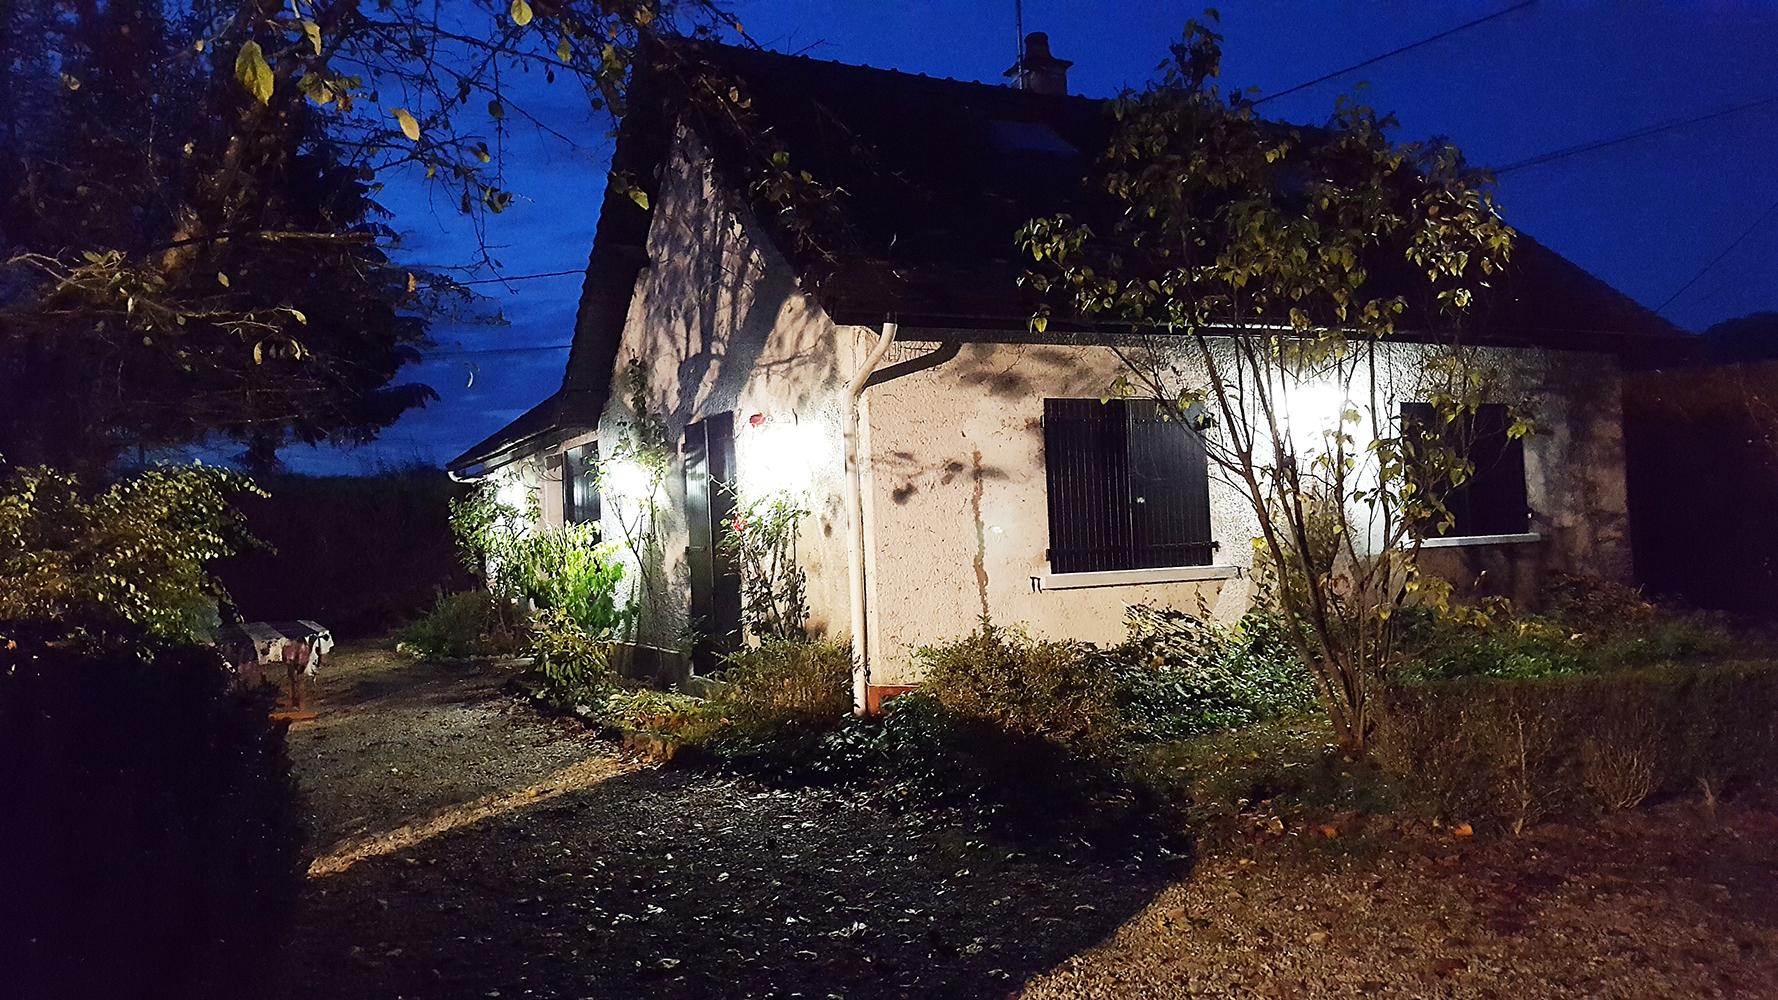 Maison toute éclairée